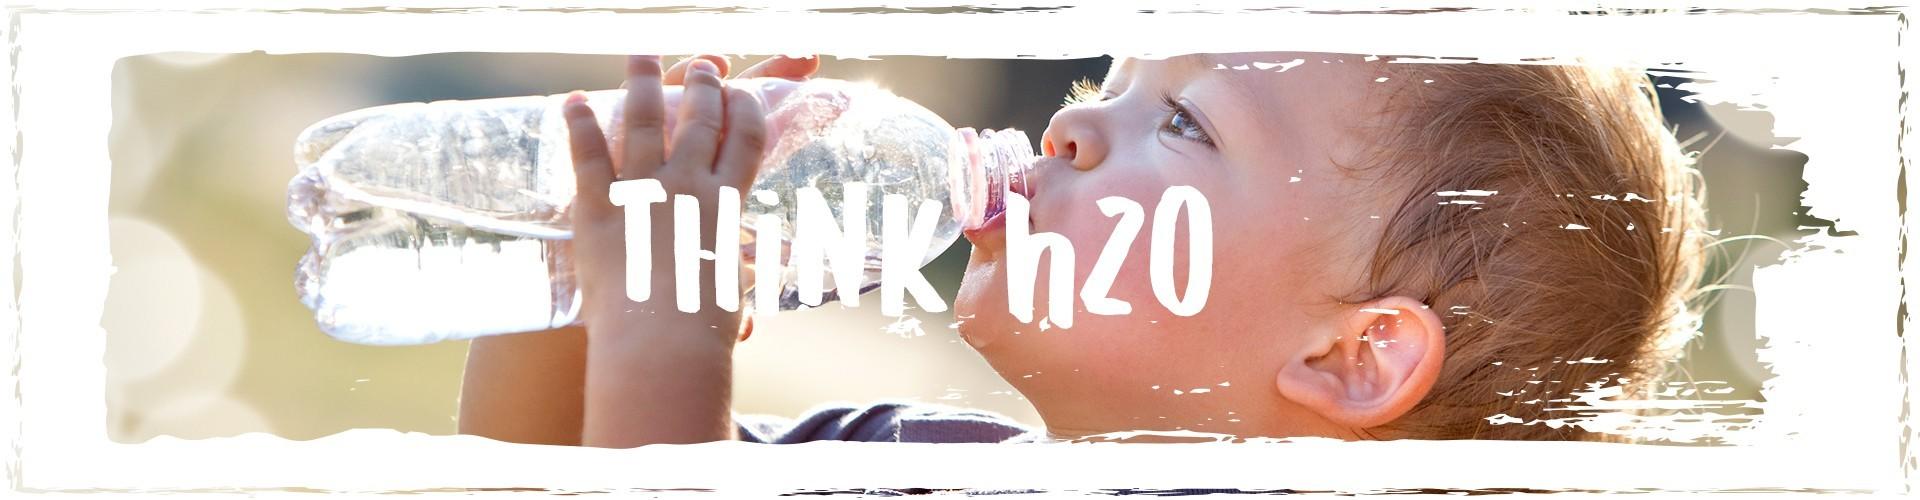 think-h2o-002